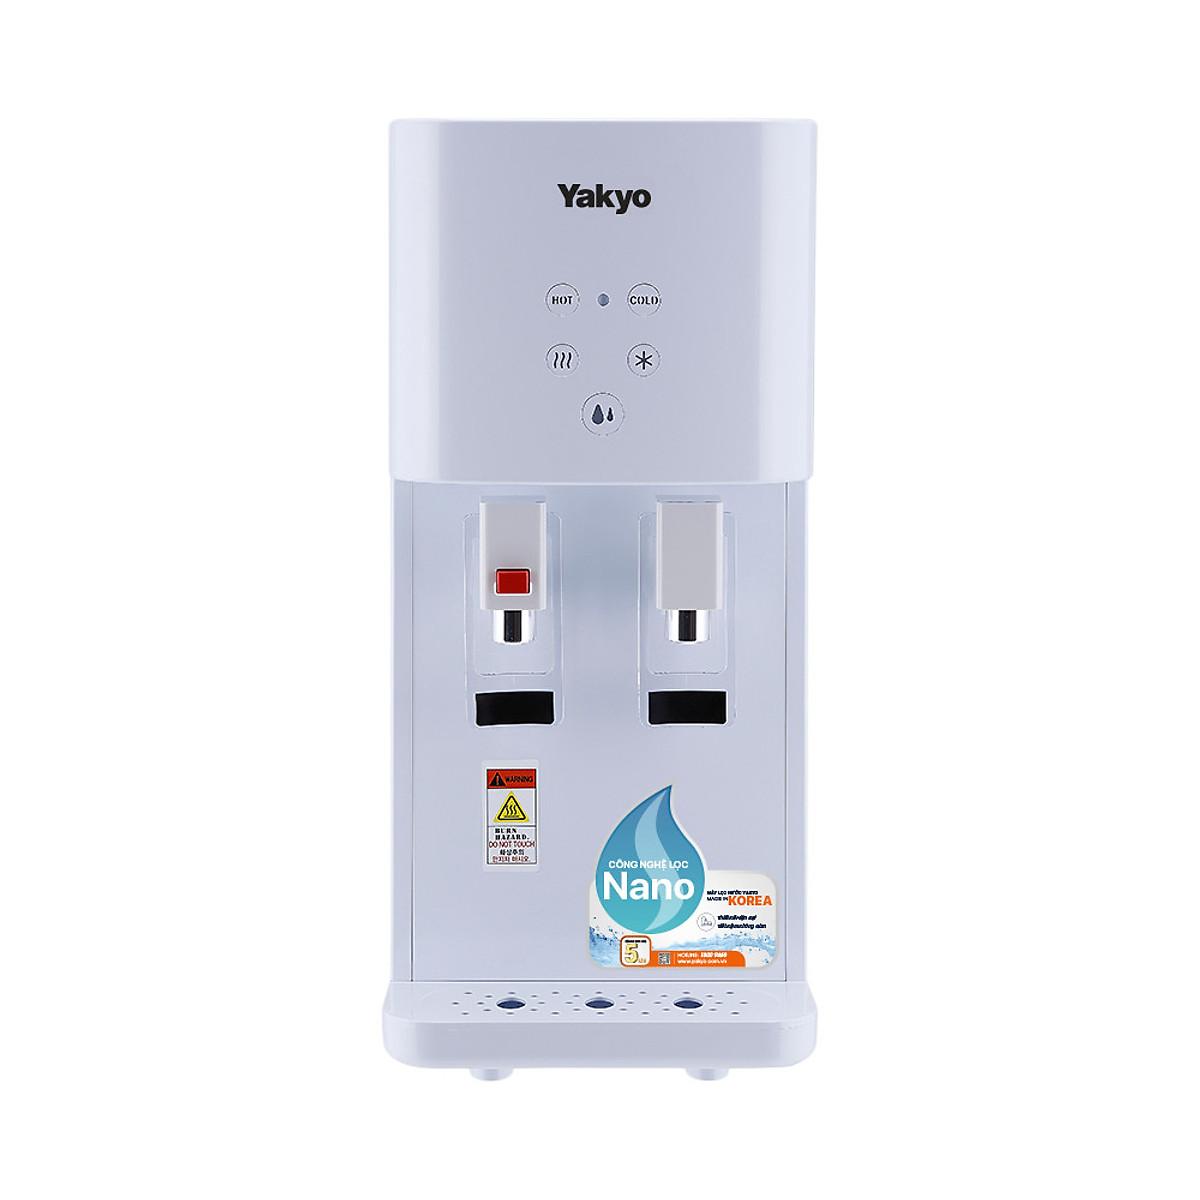 Đánh giá Máy Lọc Nước Nano Yakyo TP219AK